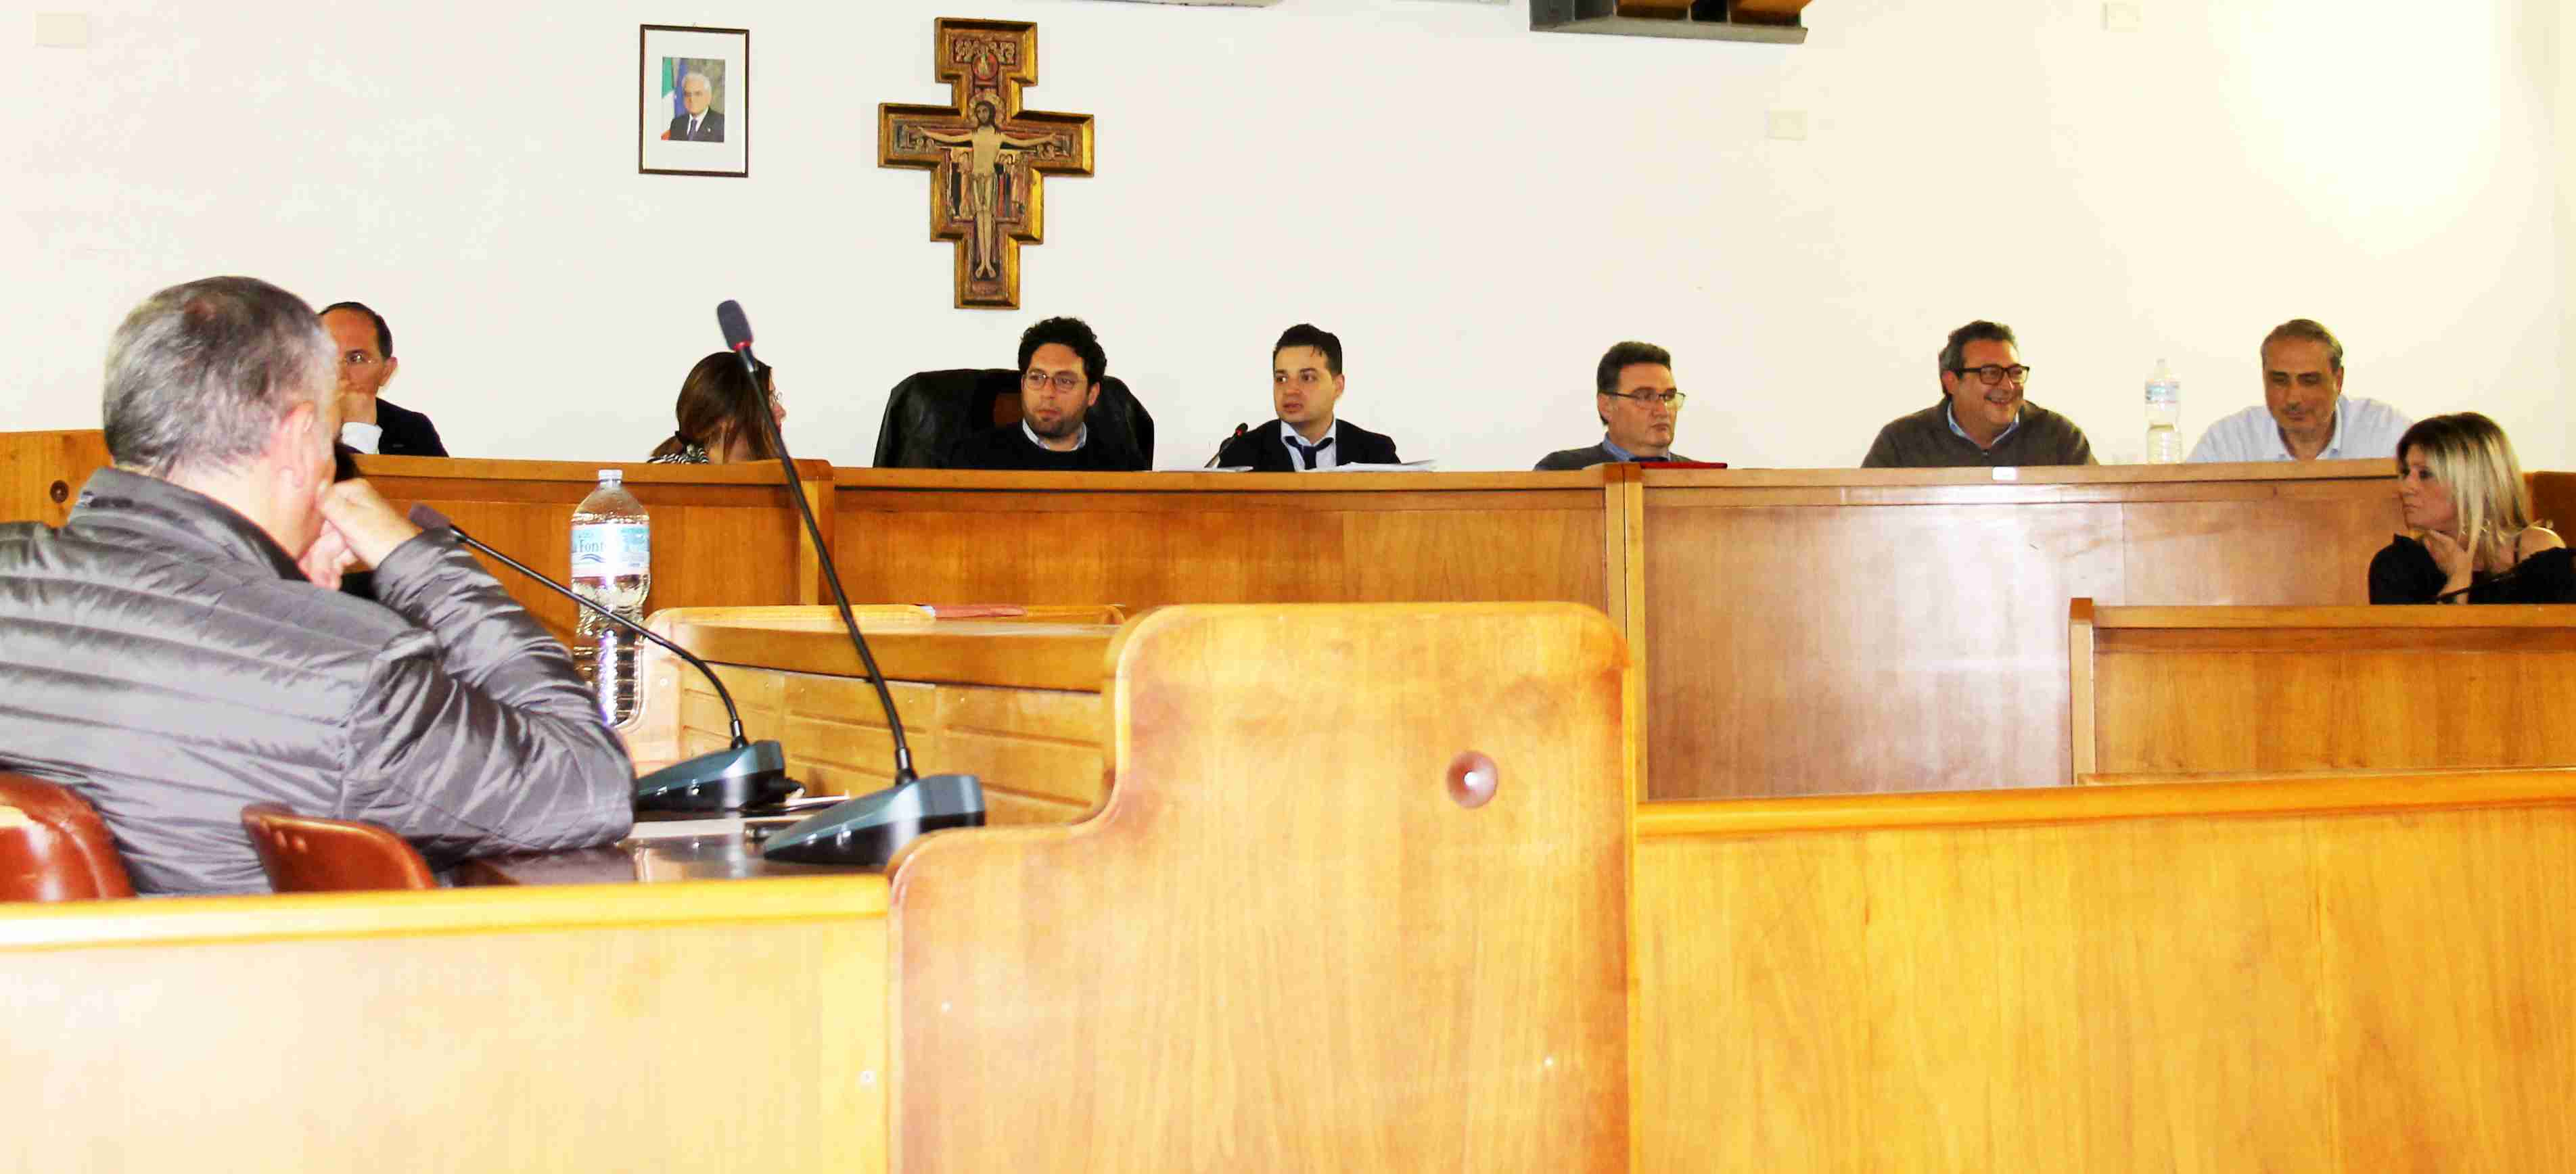 Convocato il Consiglio Comunale per mercoledì 18 dicembre